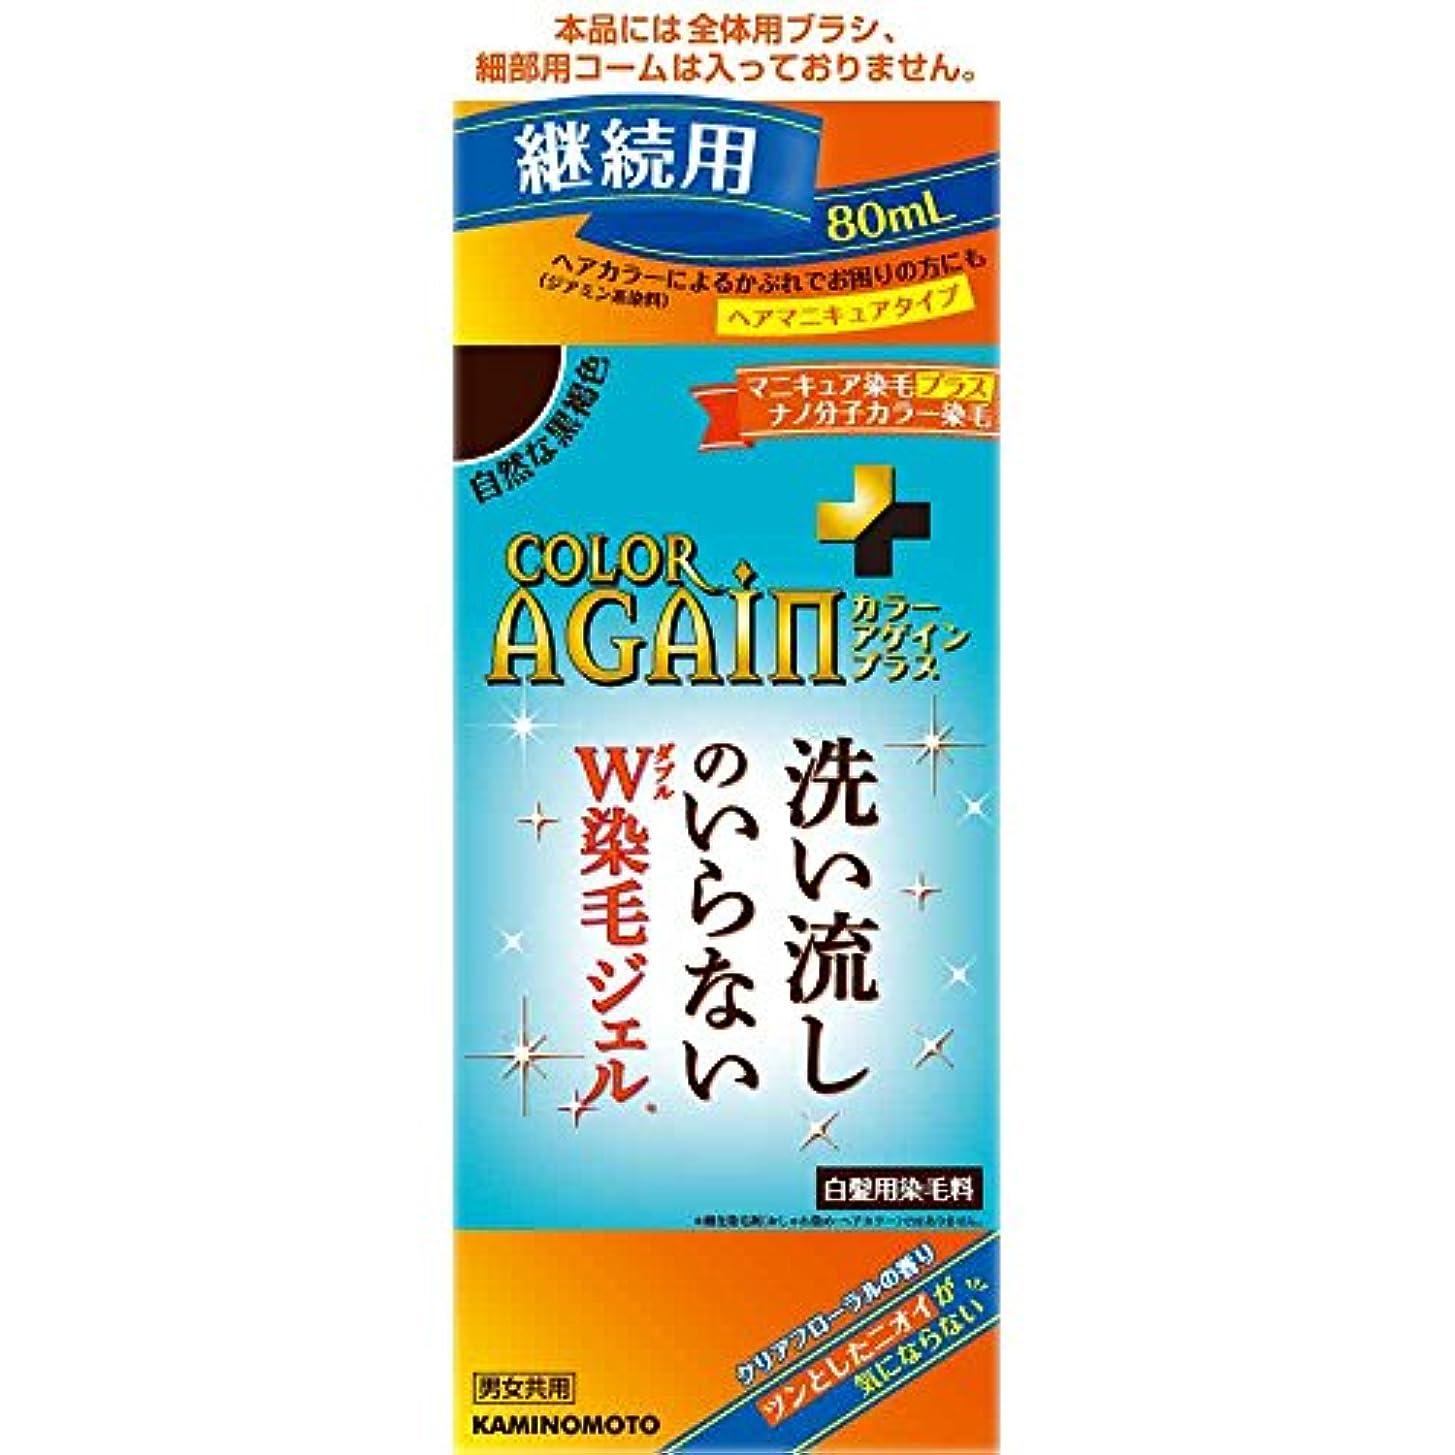 ミリメーター外科医評議会カラーアゲインプラス 自然な黒褐色 継続用 80mL